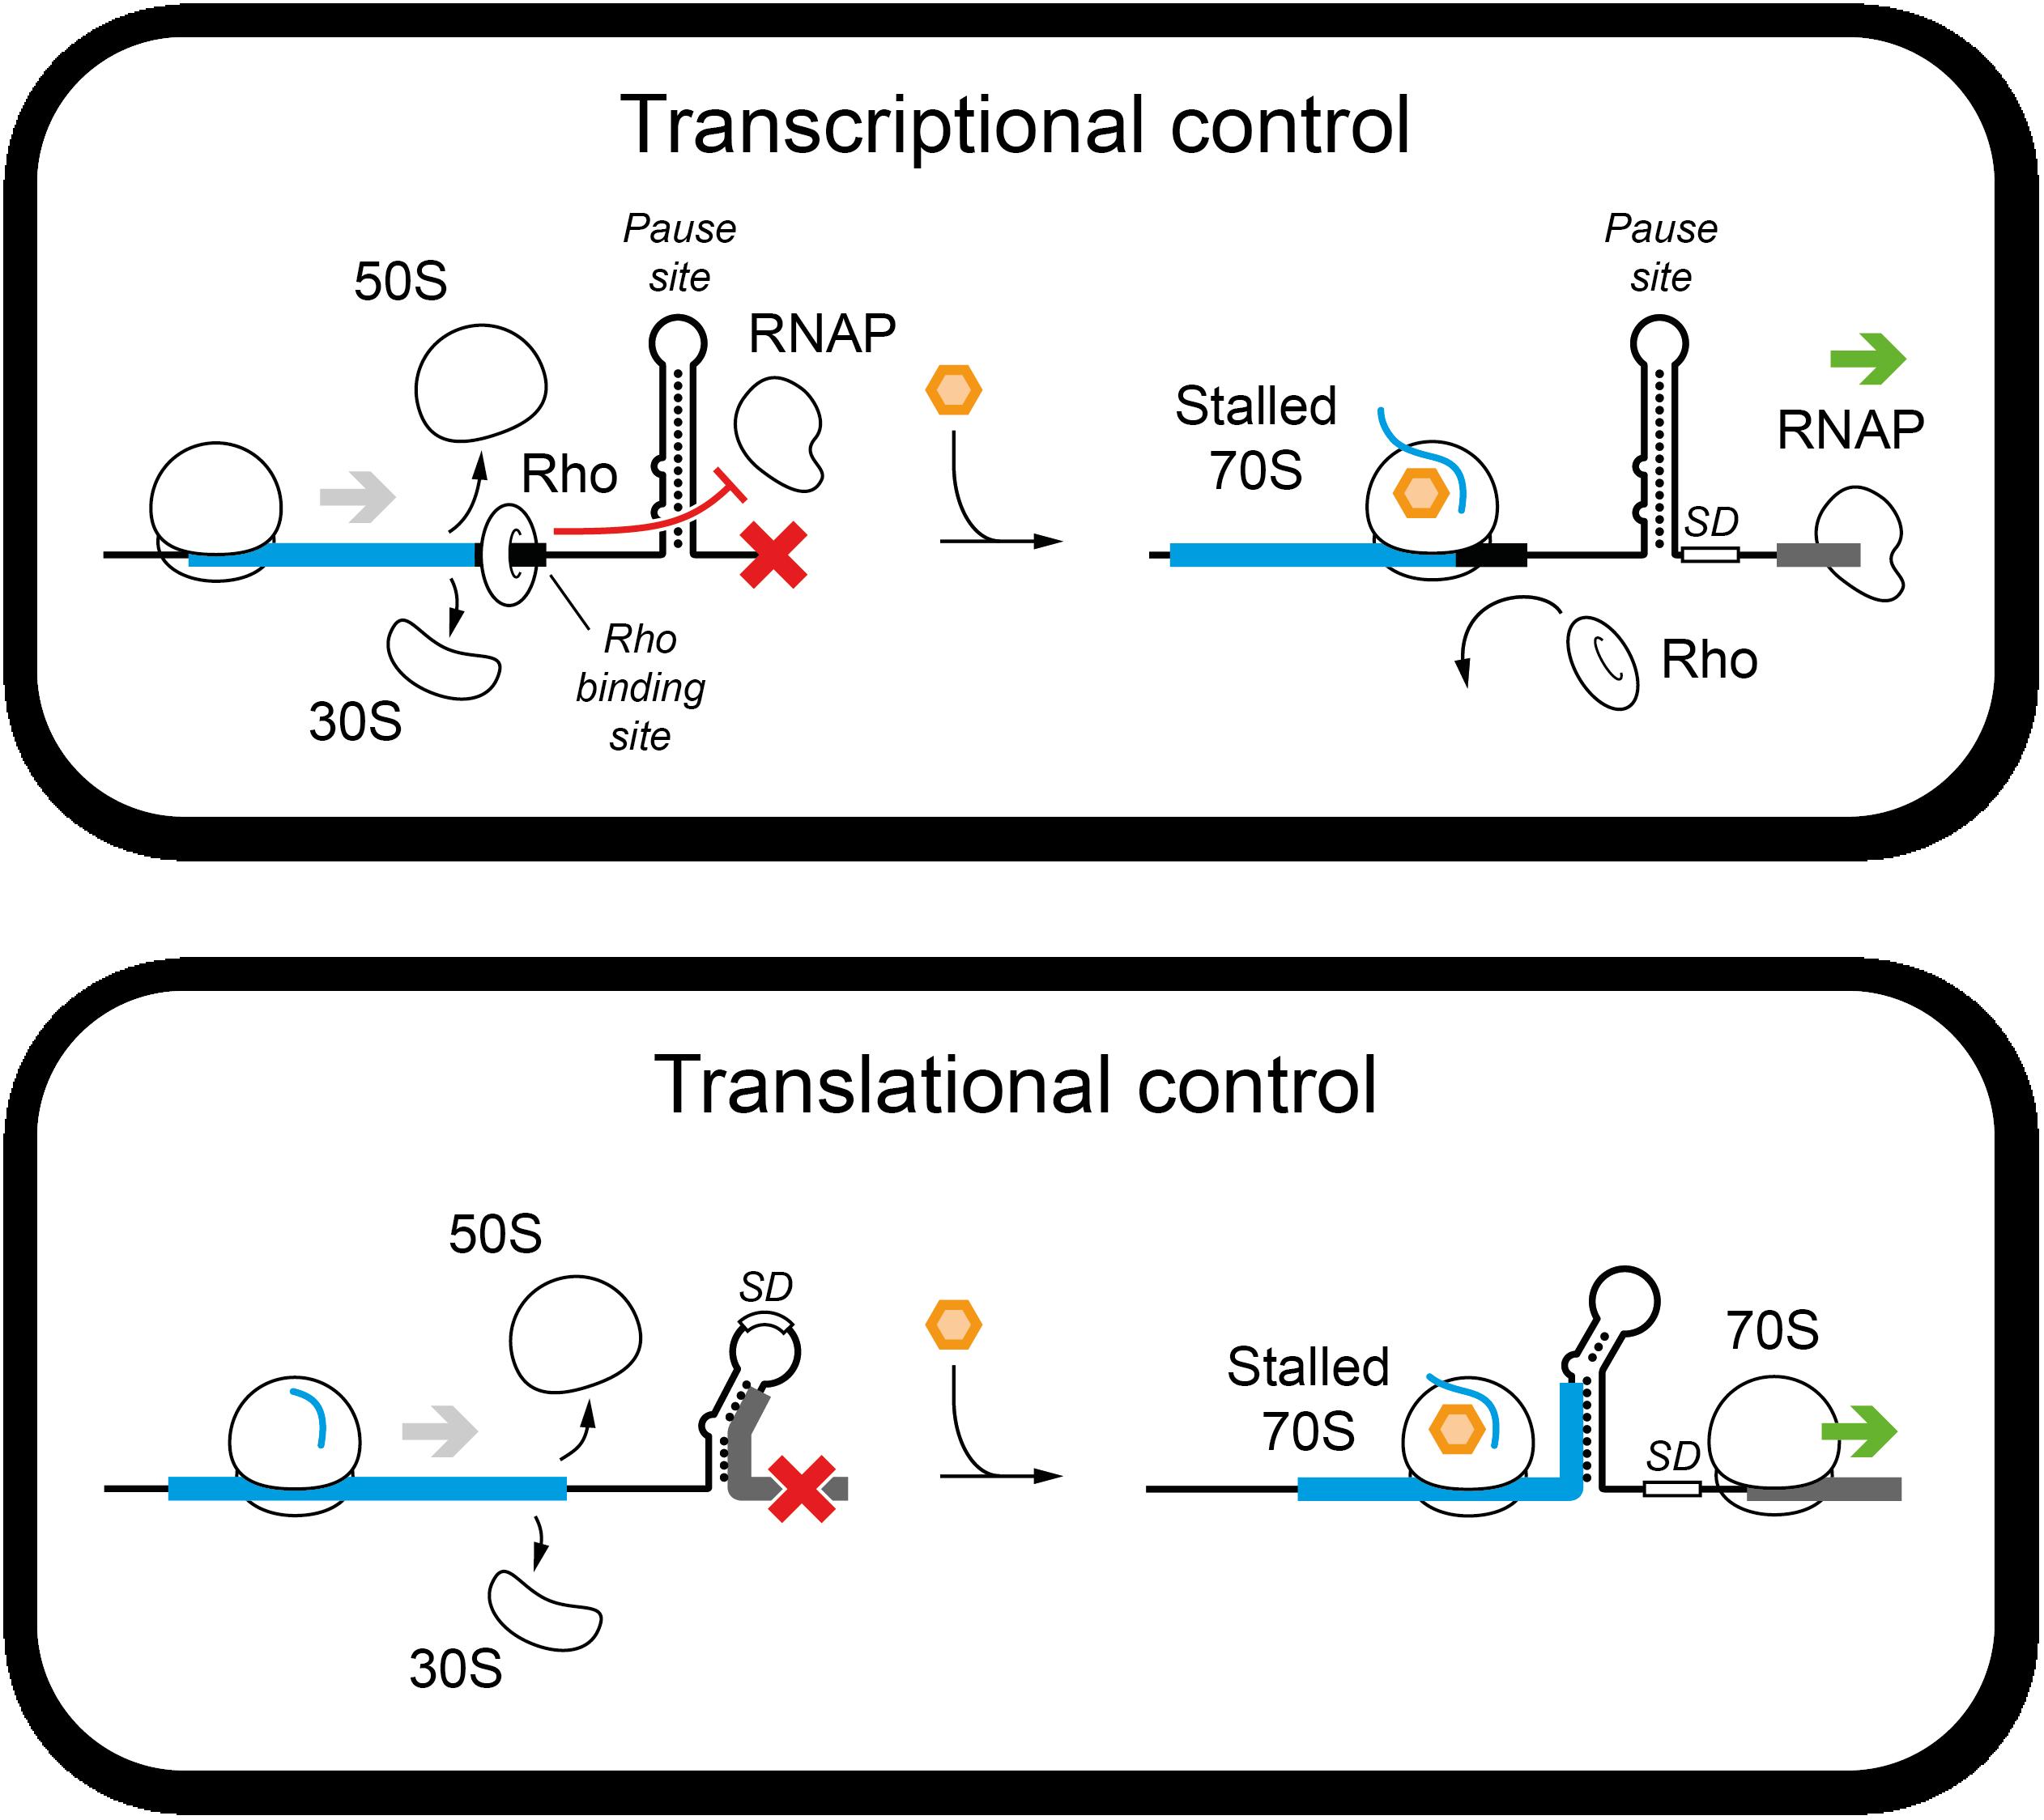 gene_regulation_by_arrest_peptides_with_metabolites